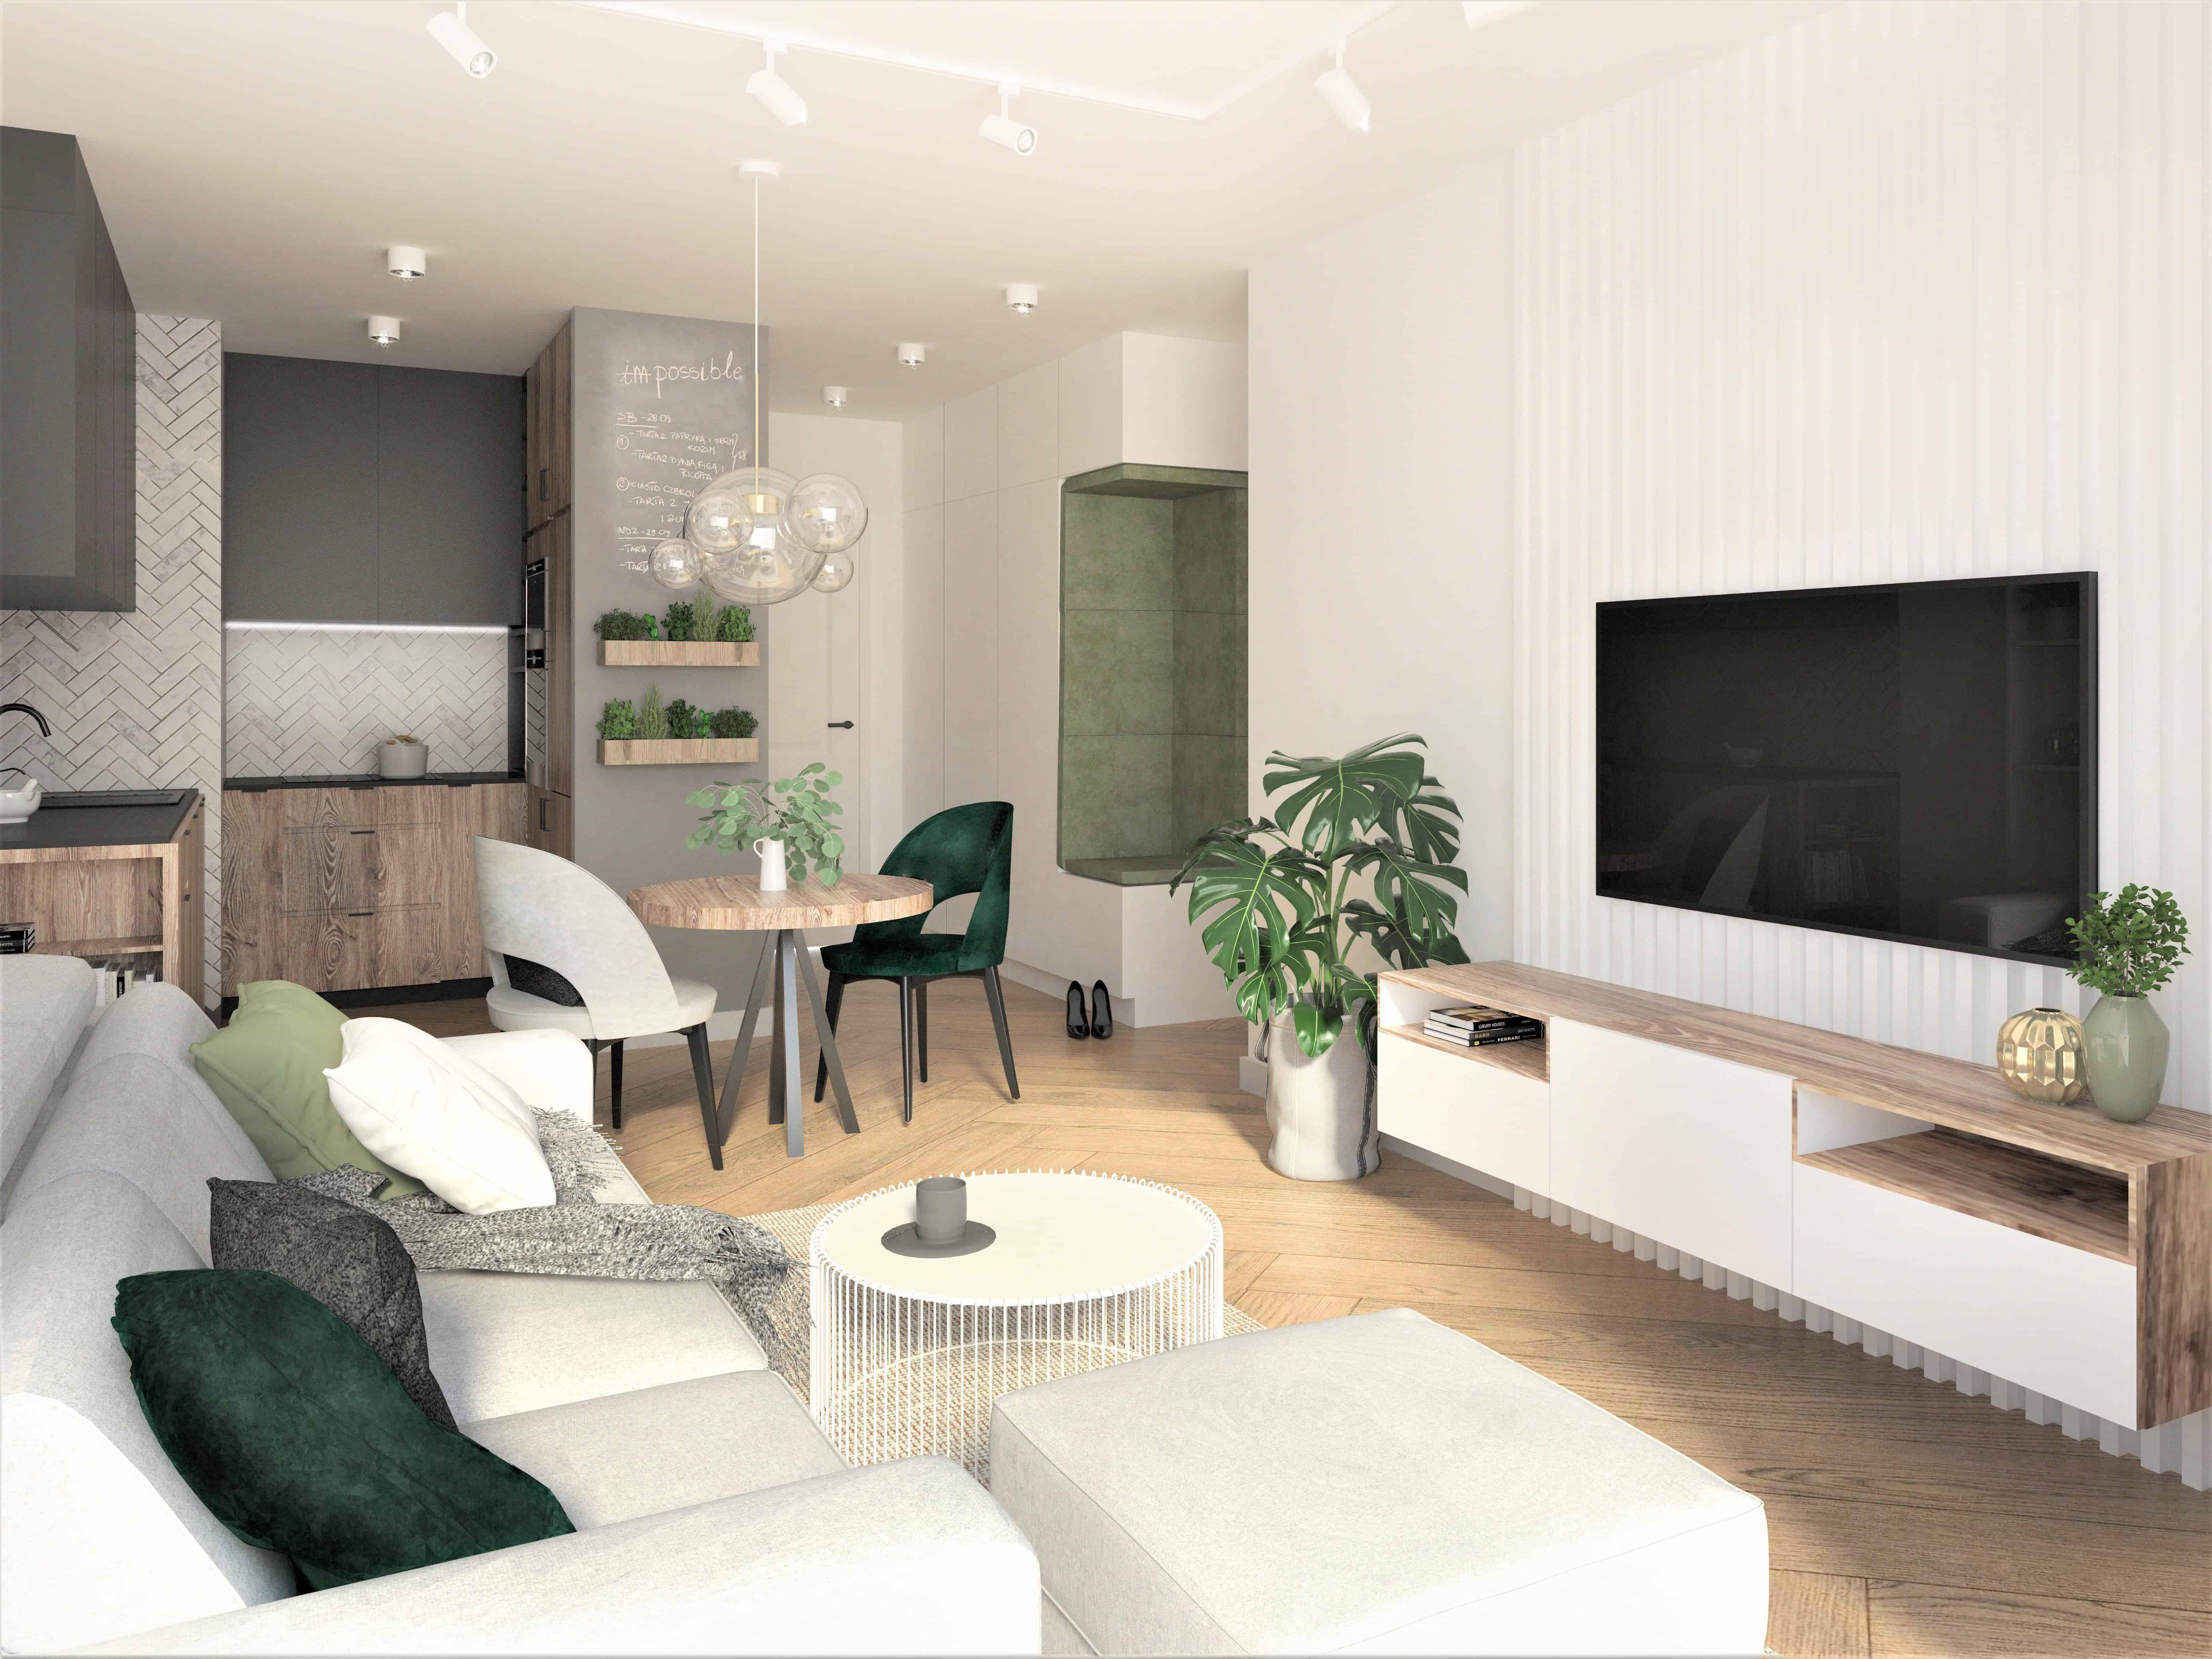 sciana z tv, otwarty salon, maly salon, male mieszkanie, rynek pierwotny